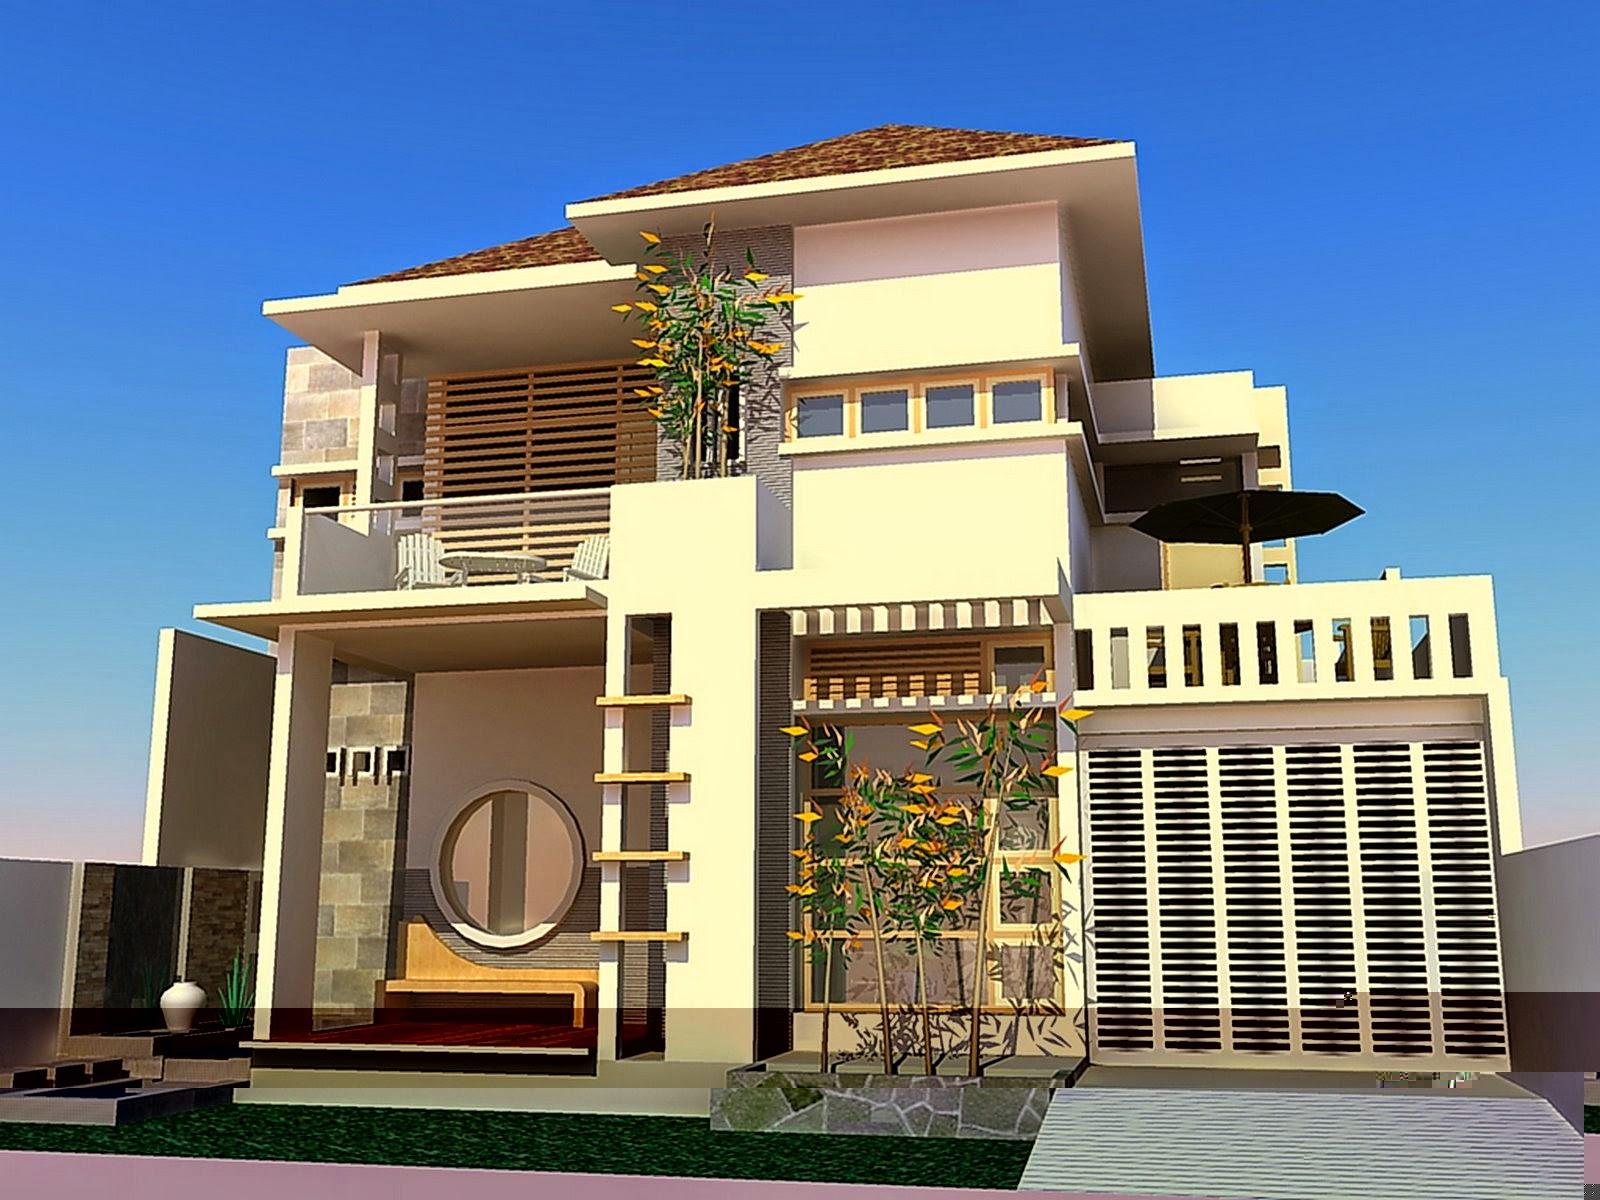 desain rumah type 45 berlantai 2 2014 desain properti